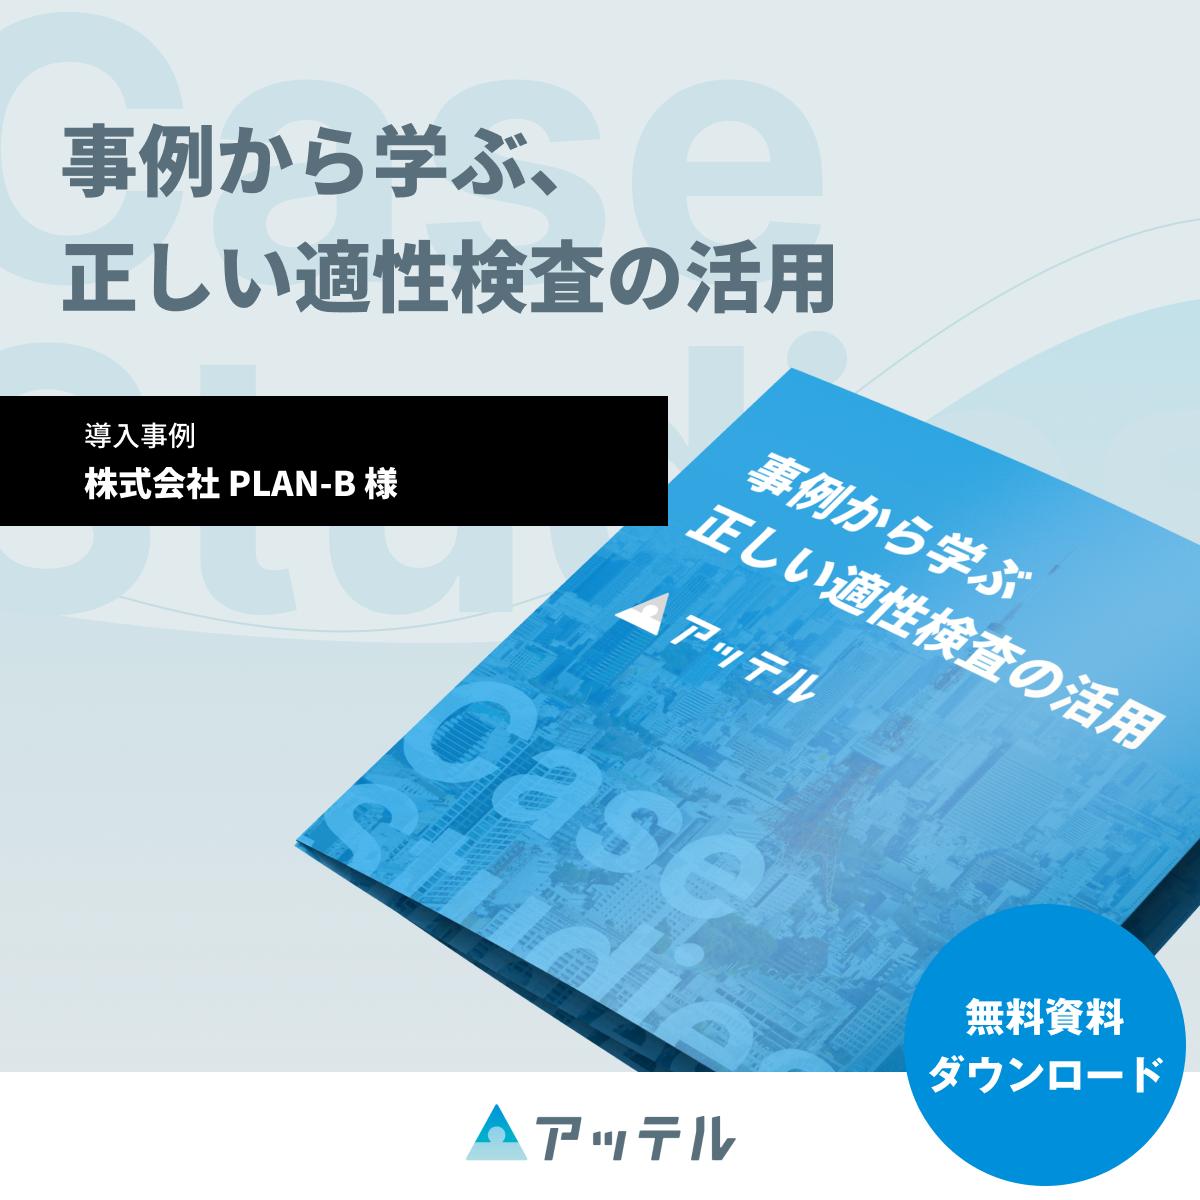 事例から学ぶ、適性検査の正しい活用(株式会社PLAN-B)